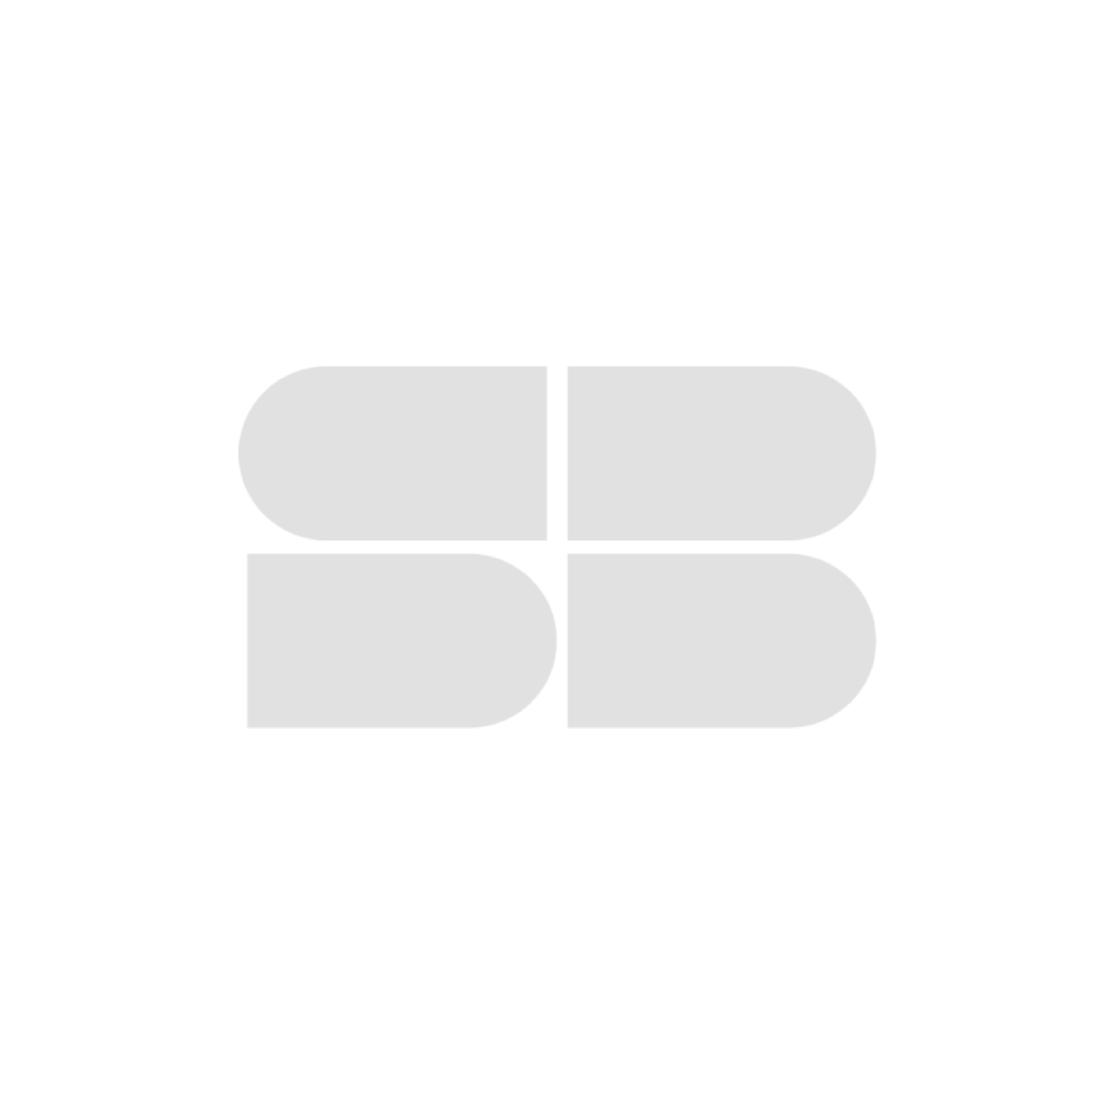 เก้าอี้นวดไฟฟ้า OTO รุ่น ES-06 สีน้ำตาล-00